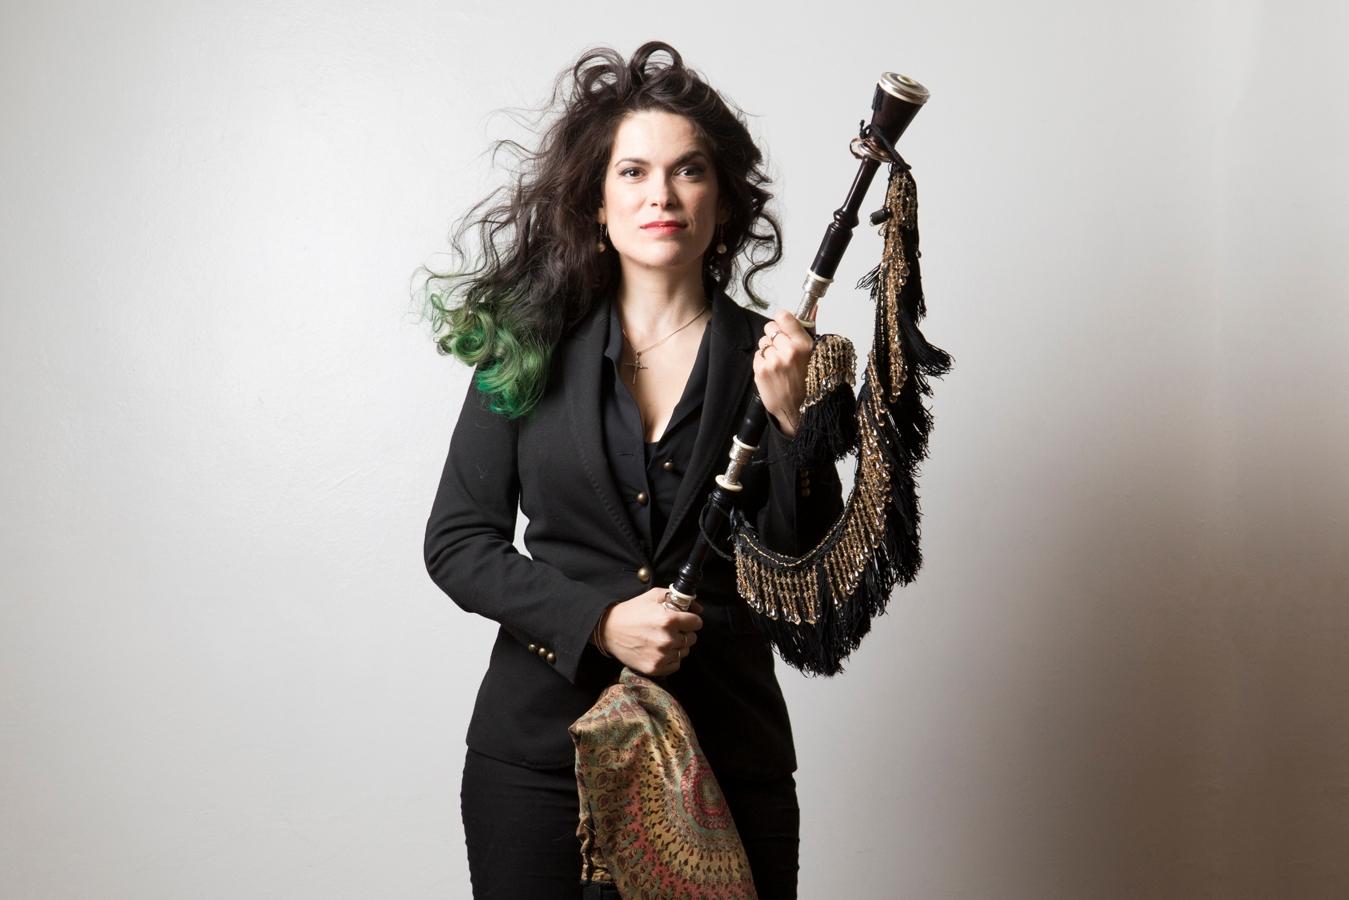 Latina - Photo by Erin Baiano